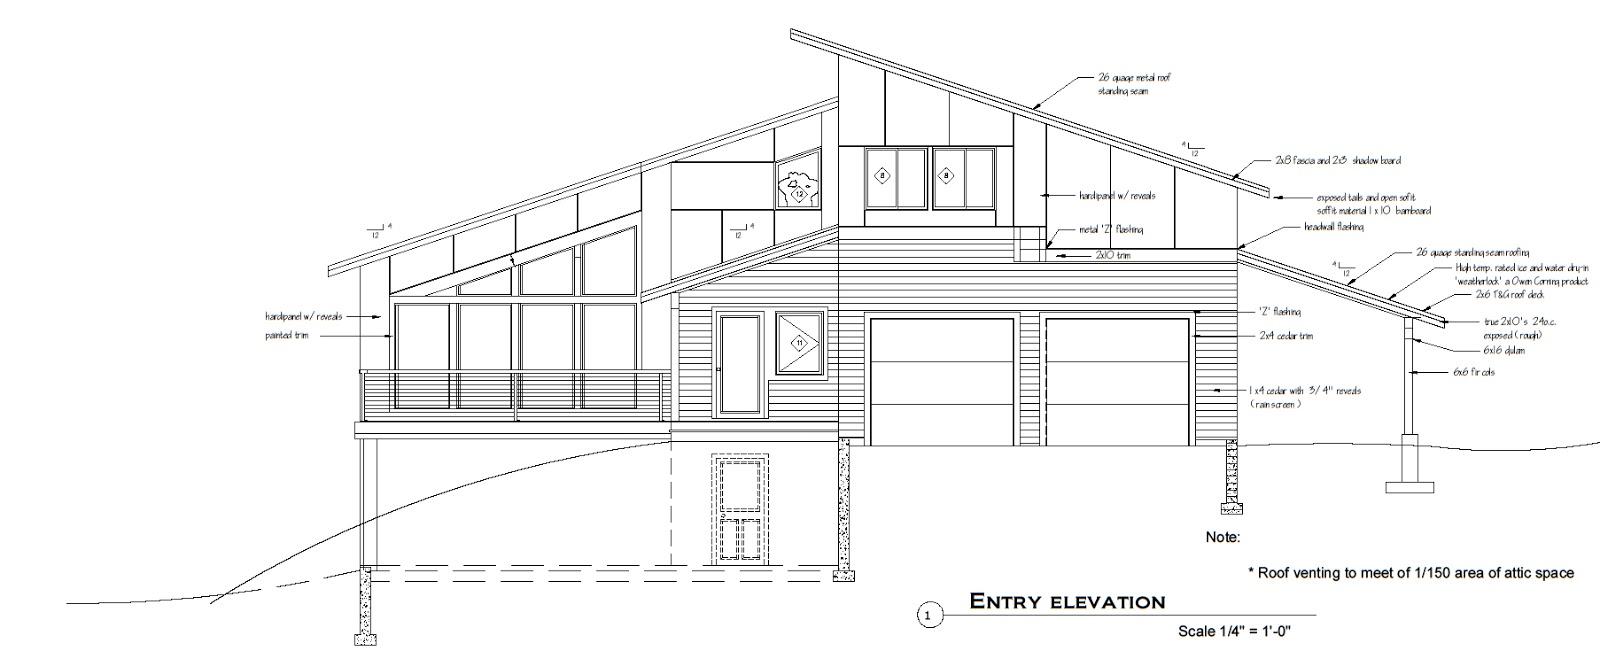 Latest Passive solar home design